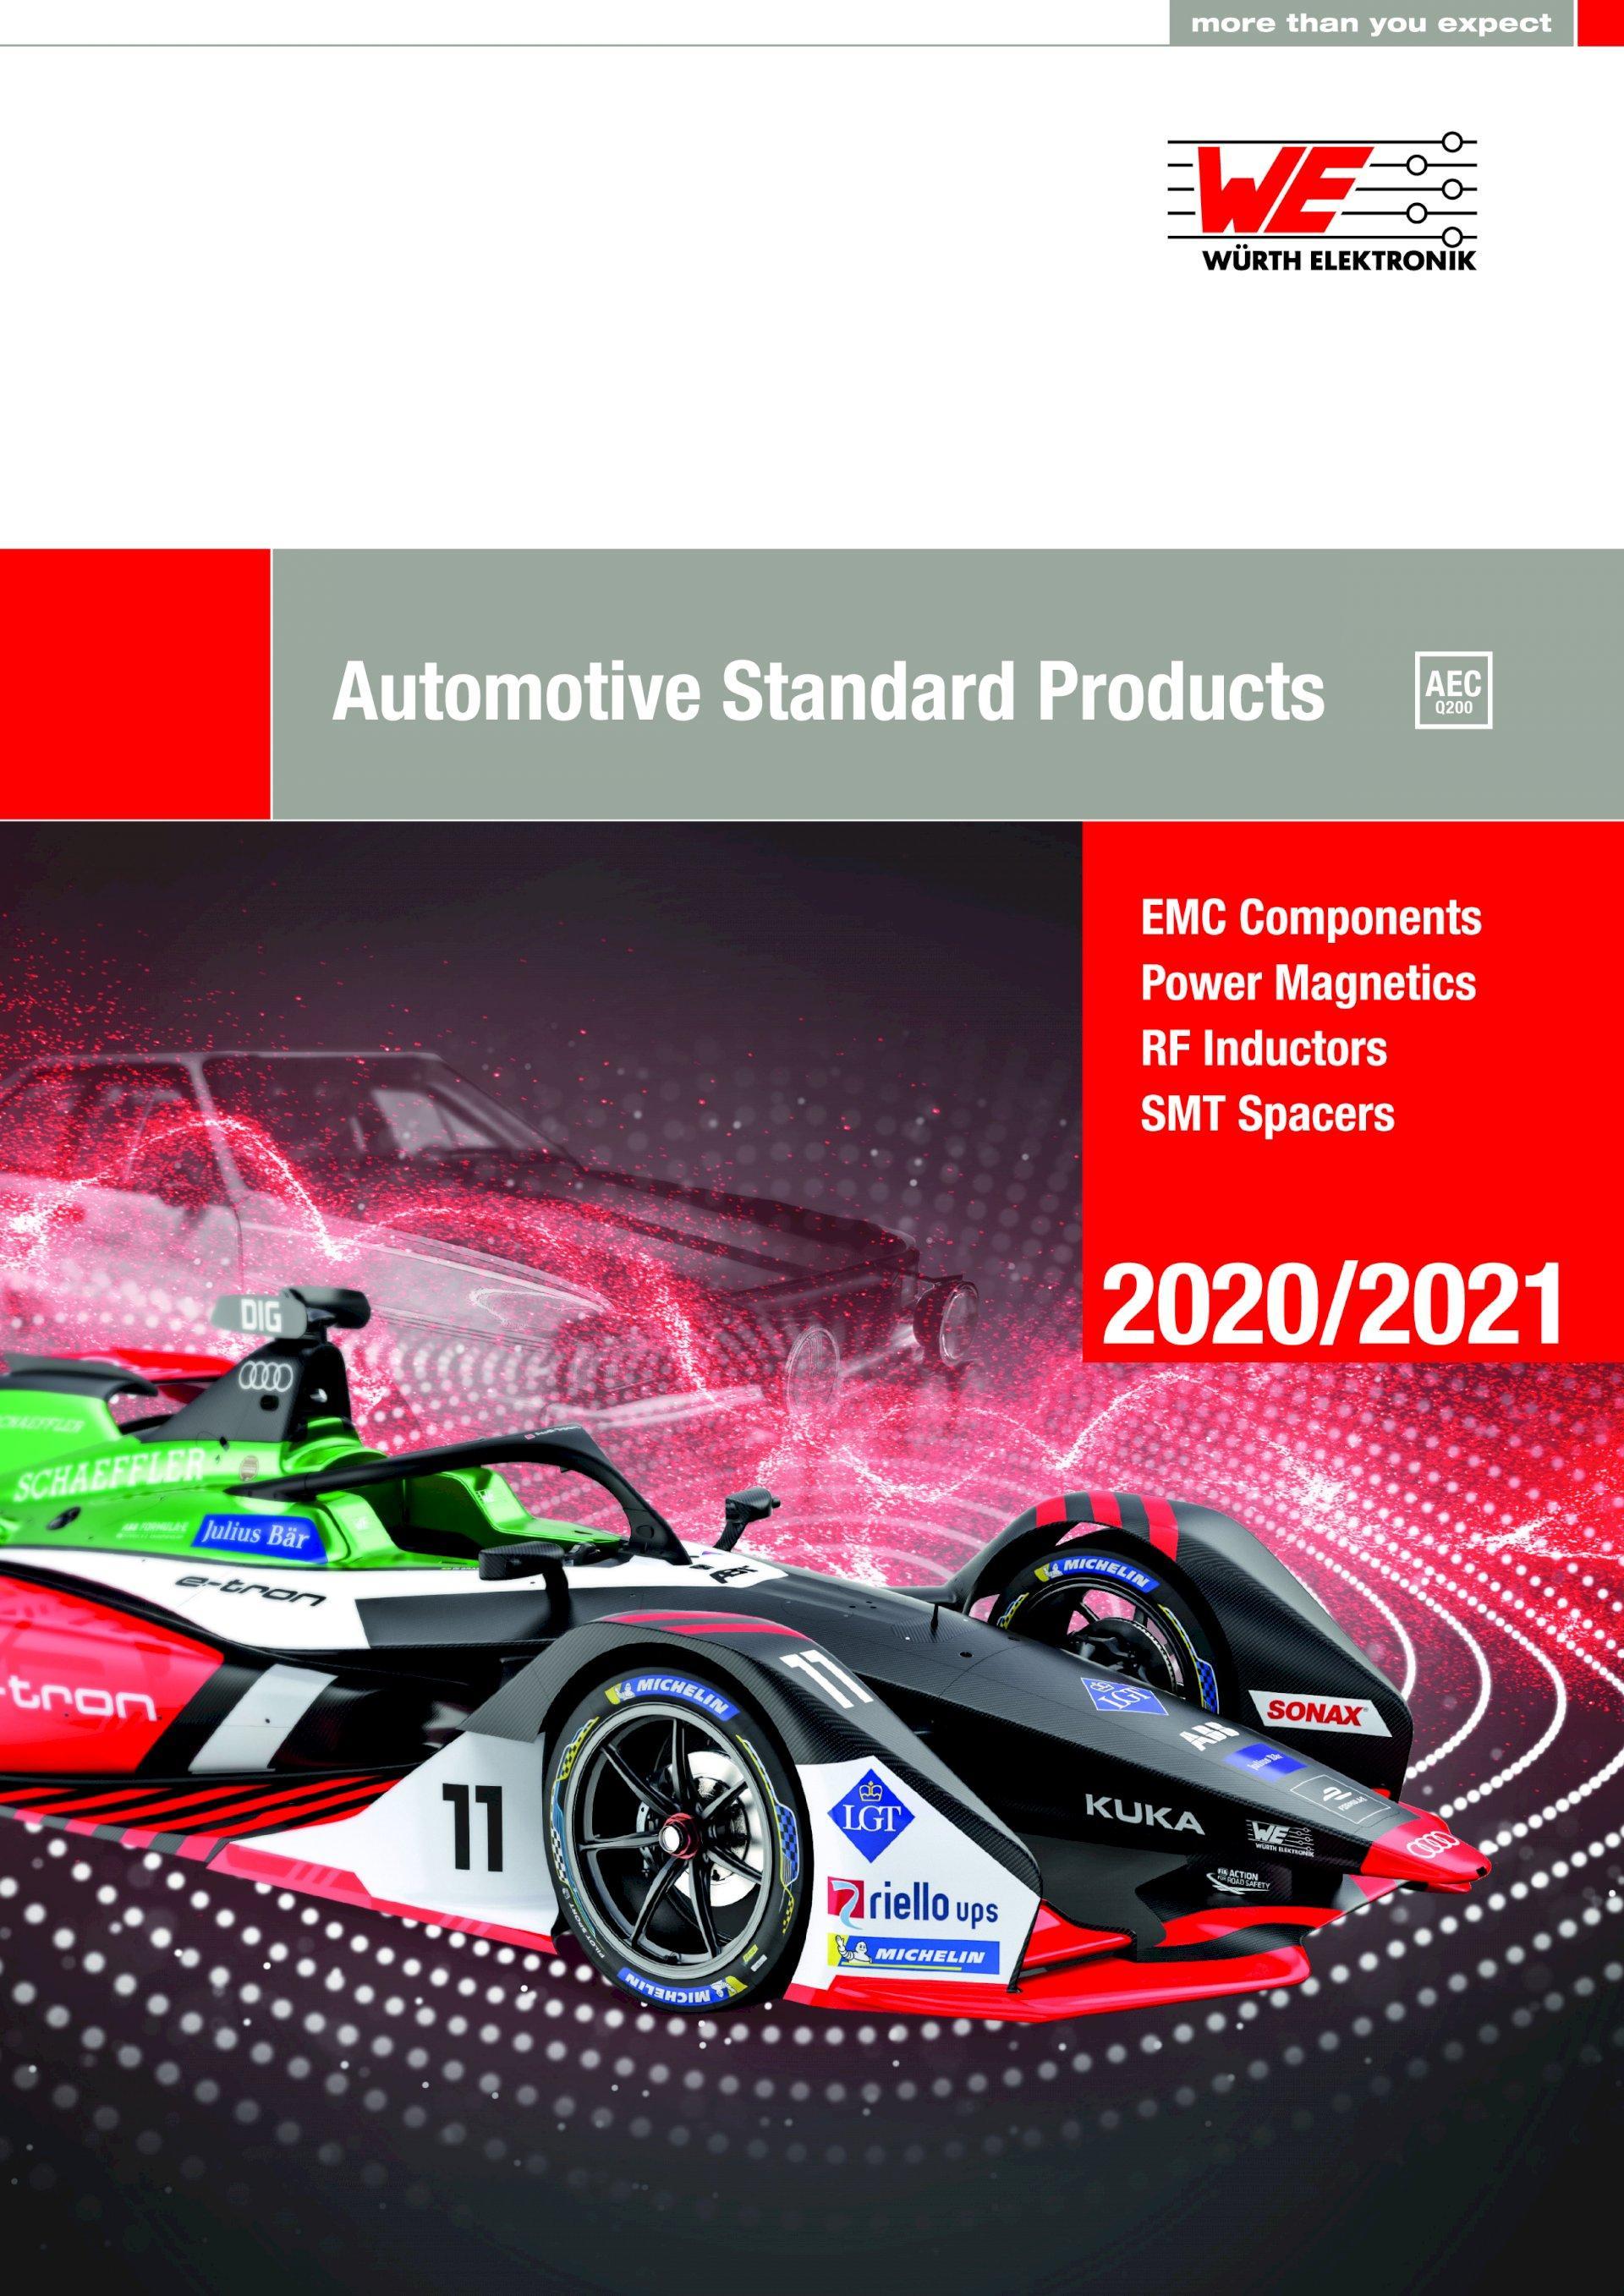 New Würth Elektronik Automotive Components Catalog